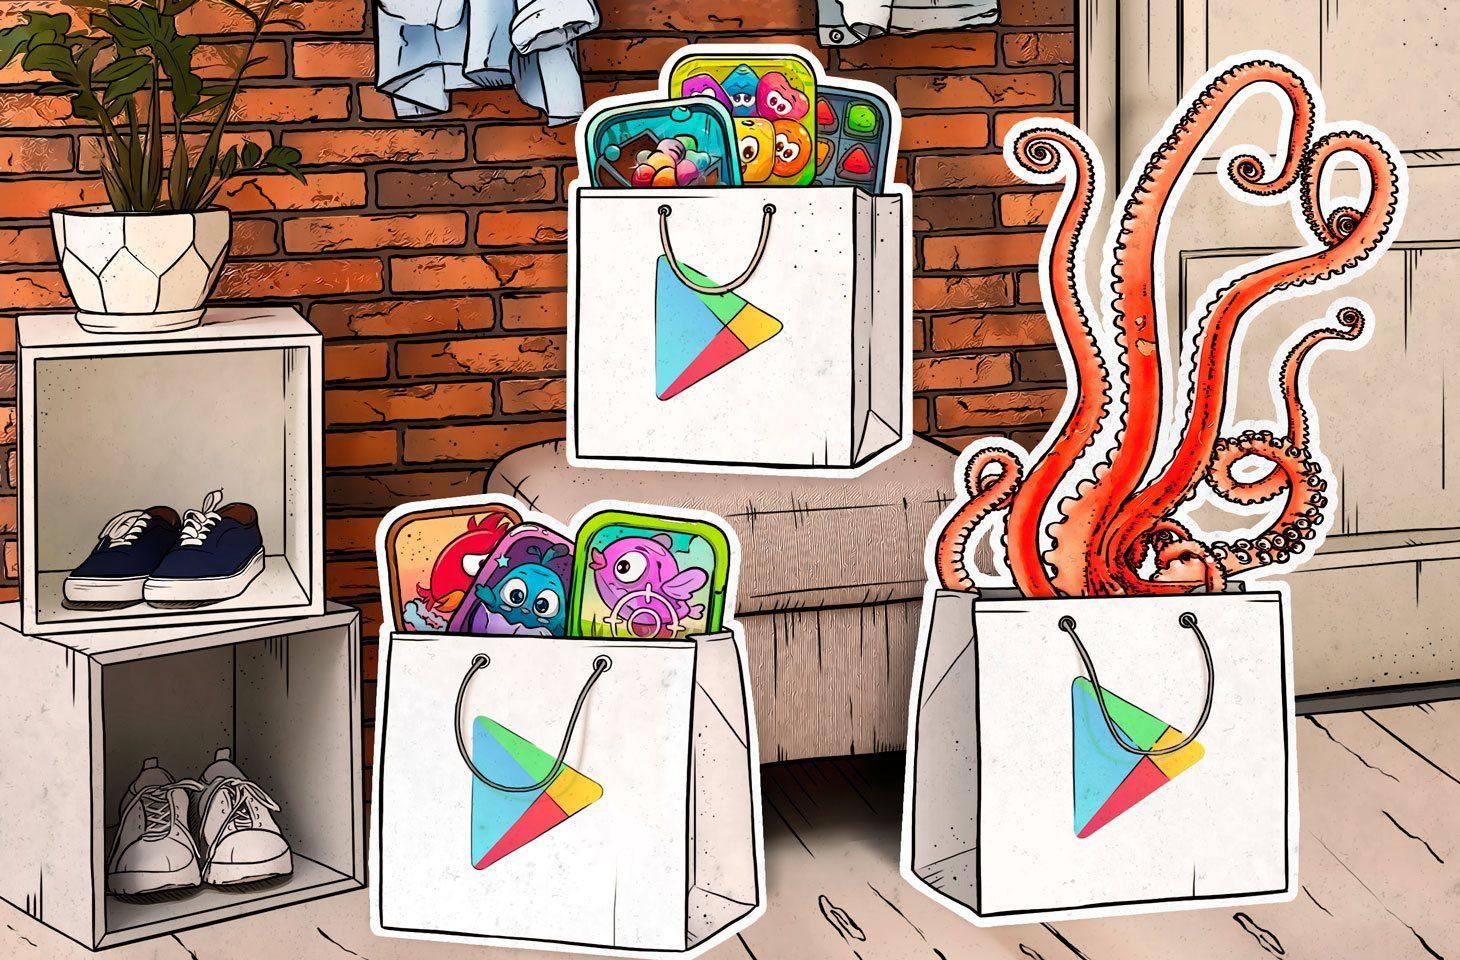 Il n'y a pas de logiciel malveillant dans la boutique officielle Android, n'est-ce pas ? Nous explorons cette affaire en profondeur